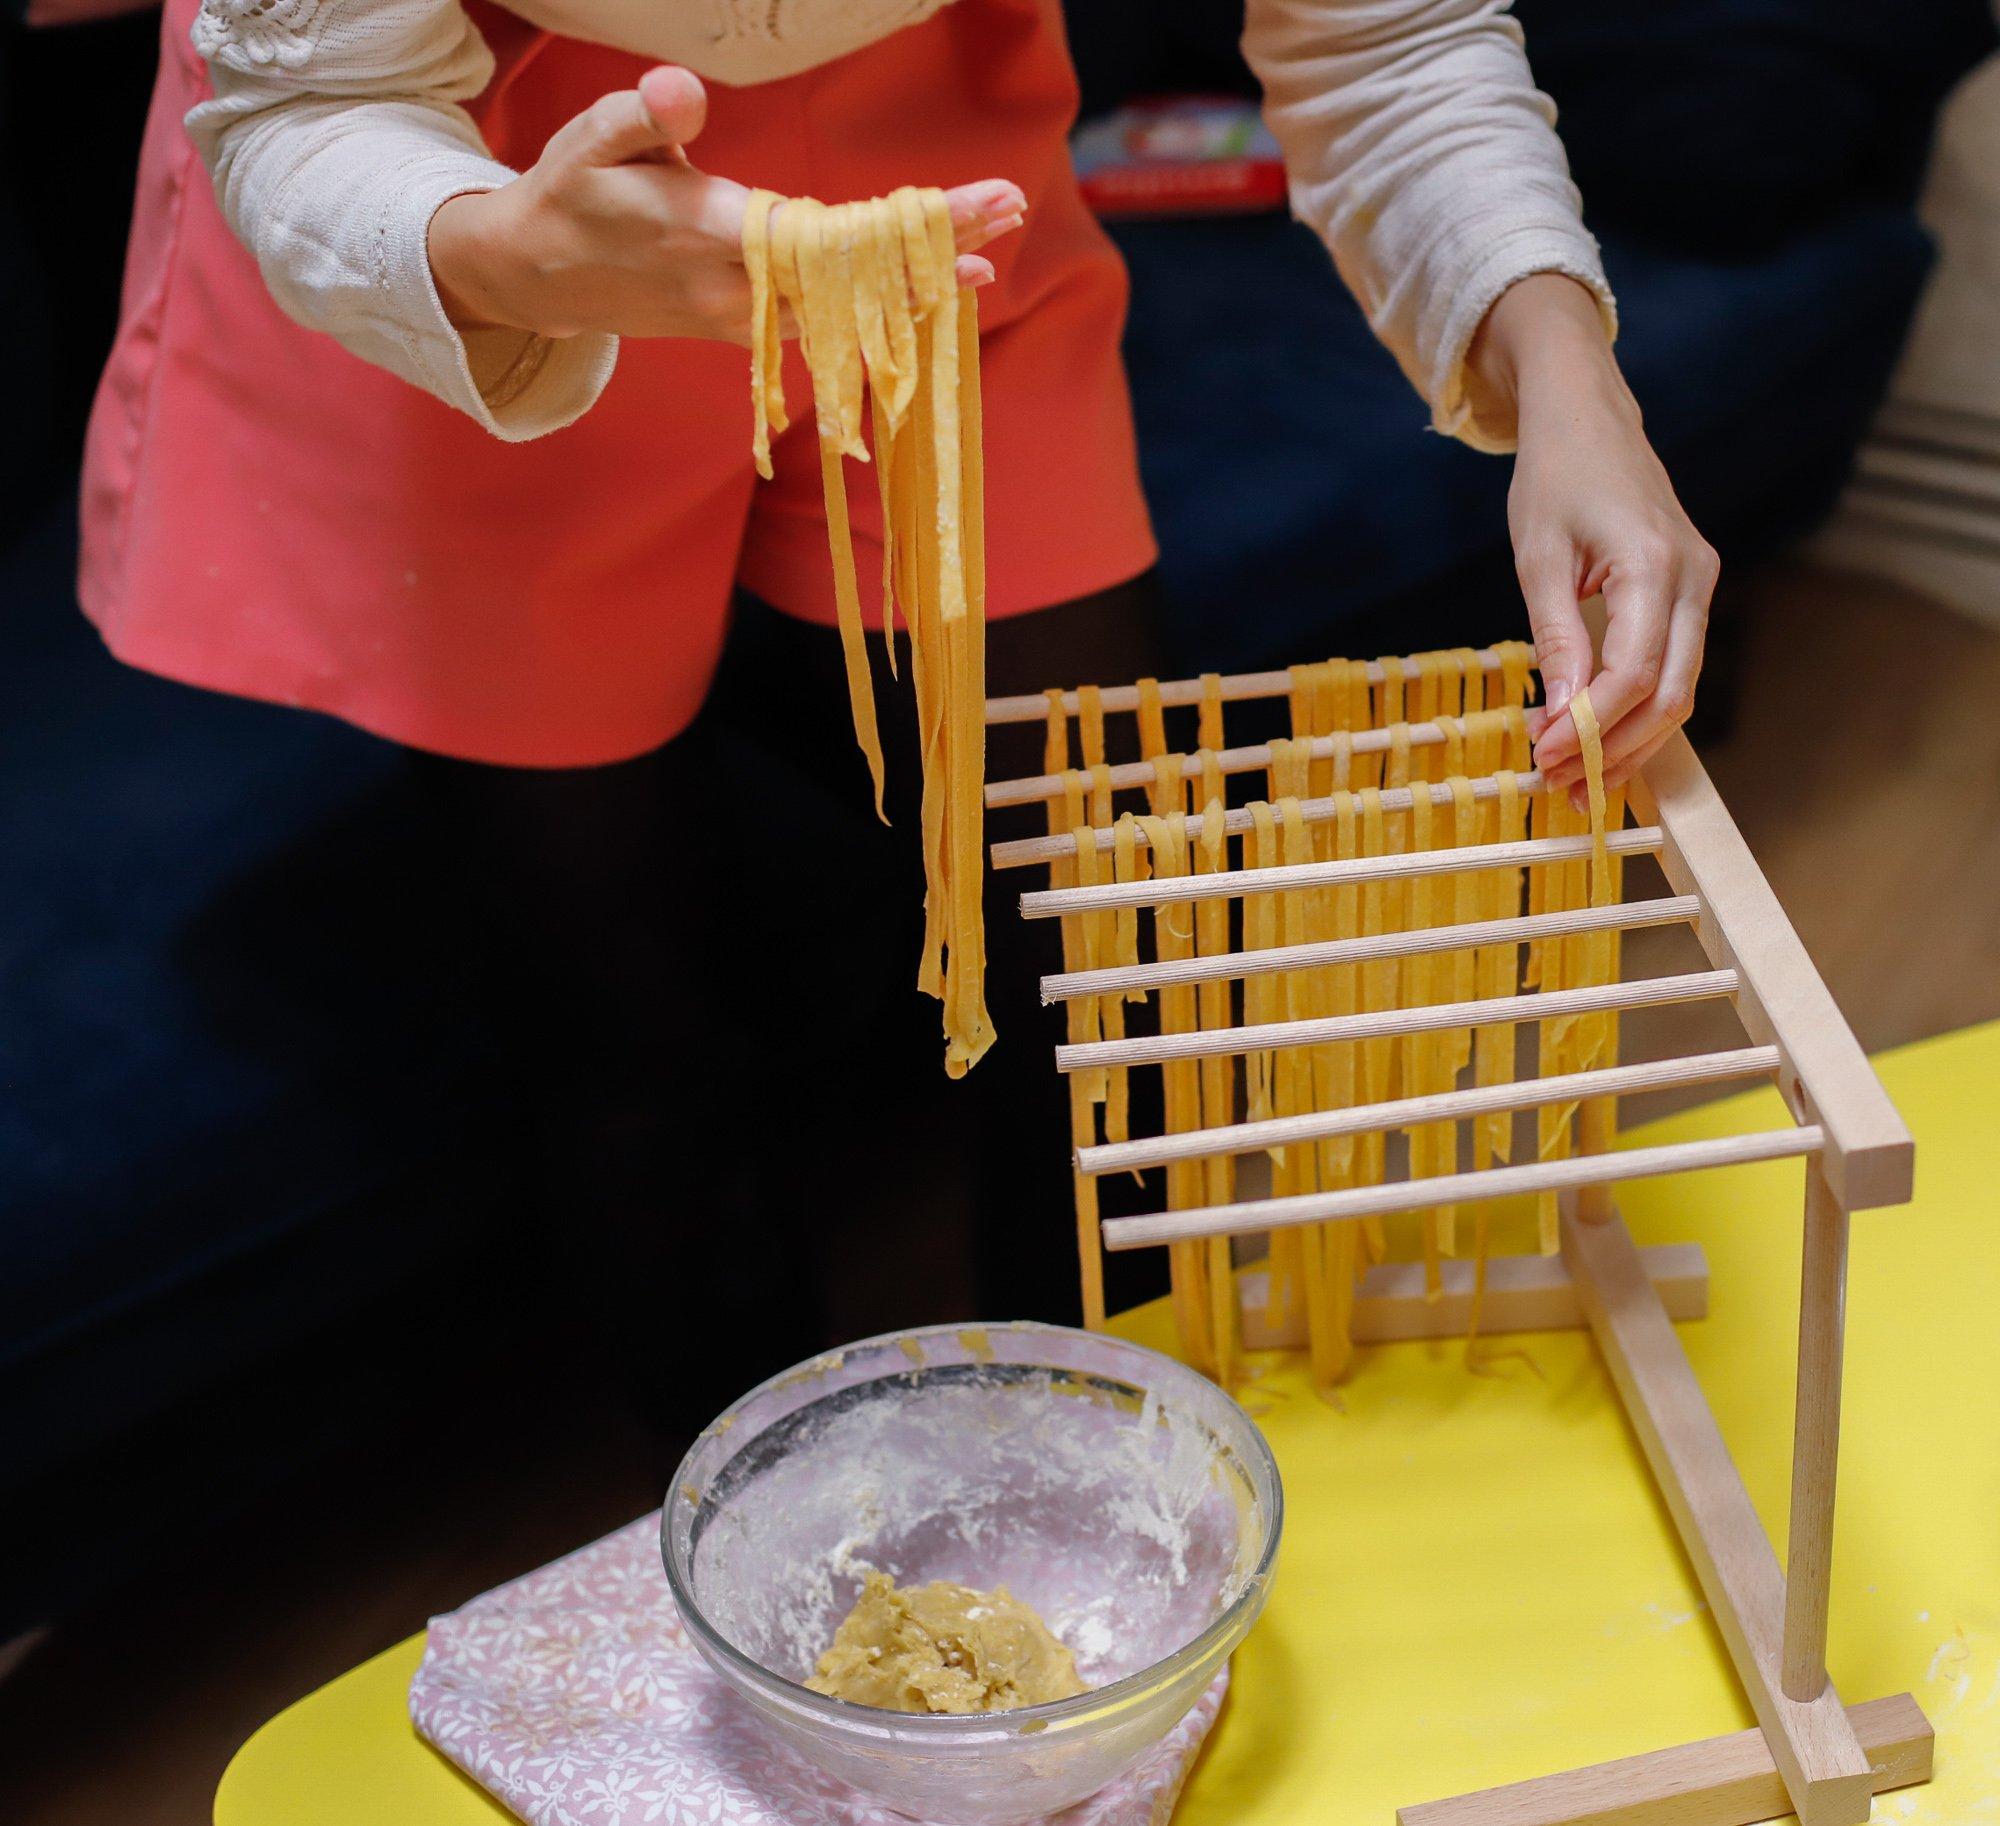 activité en famille, faire ses pâtes fraiches